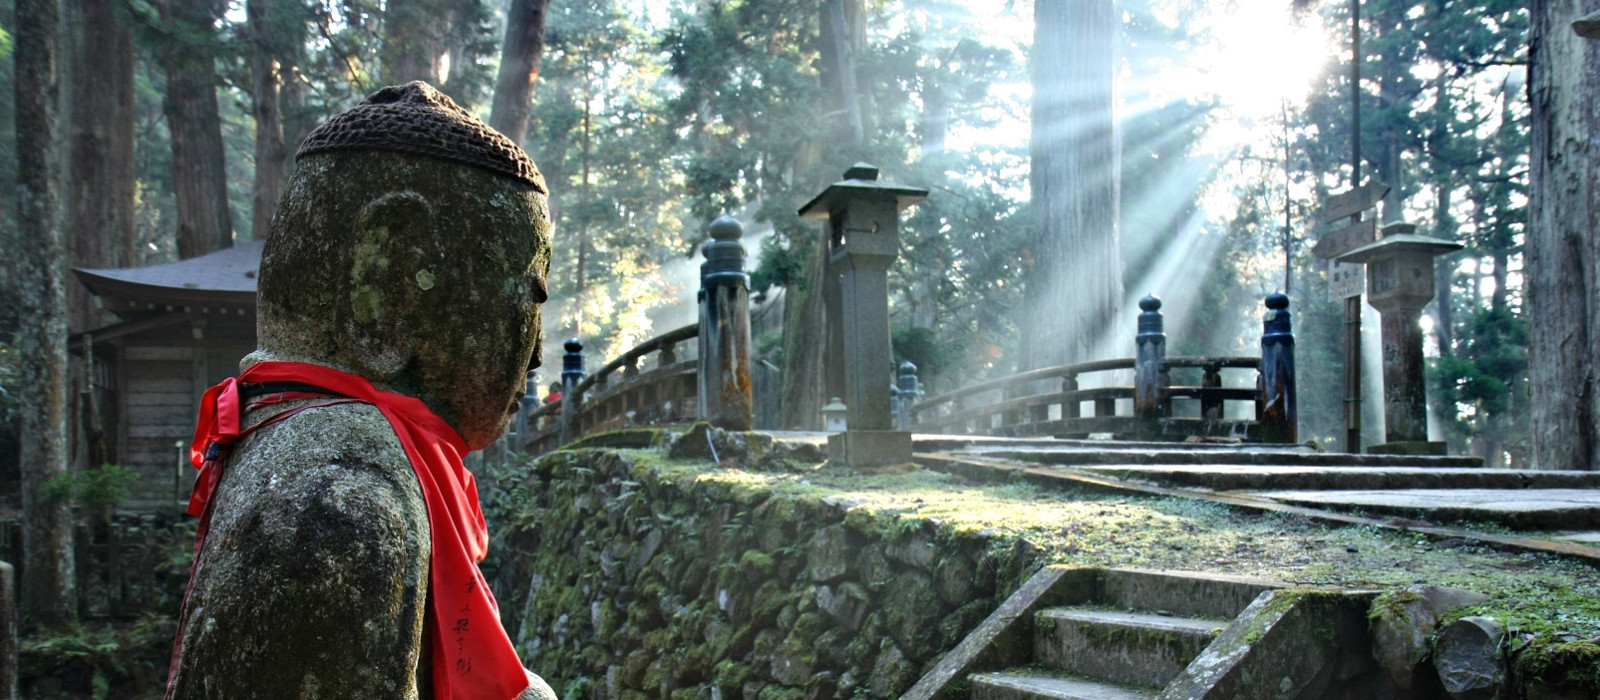 Zen Legends of Japan Tour Trip 1